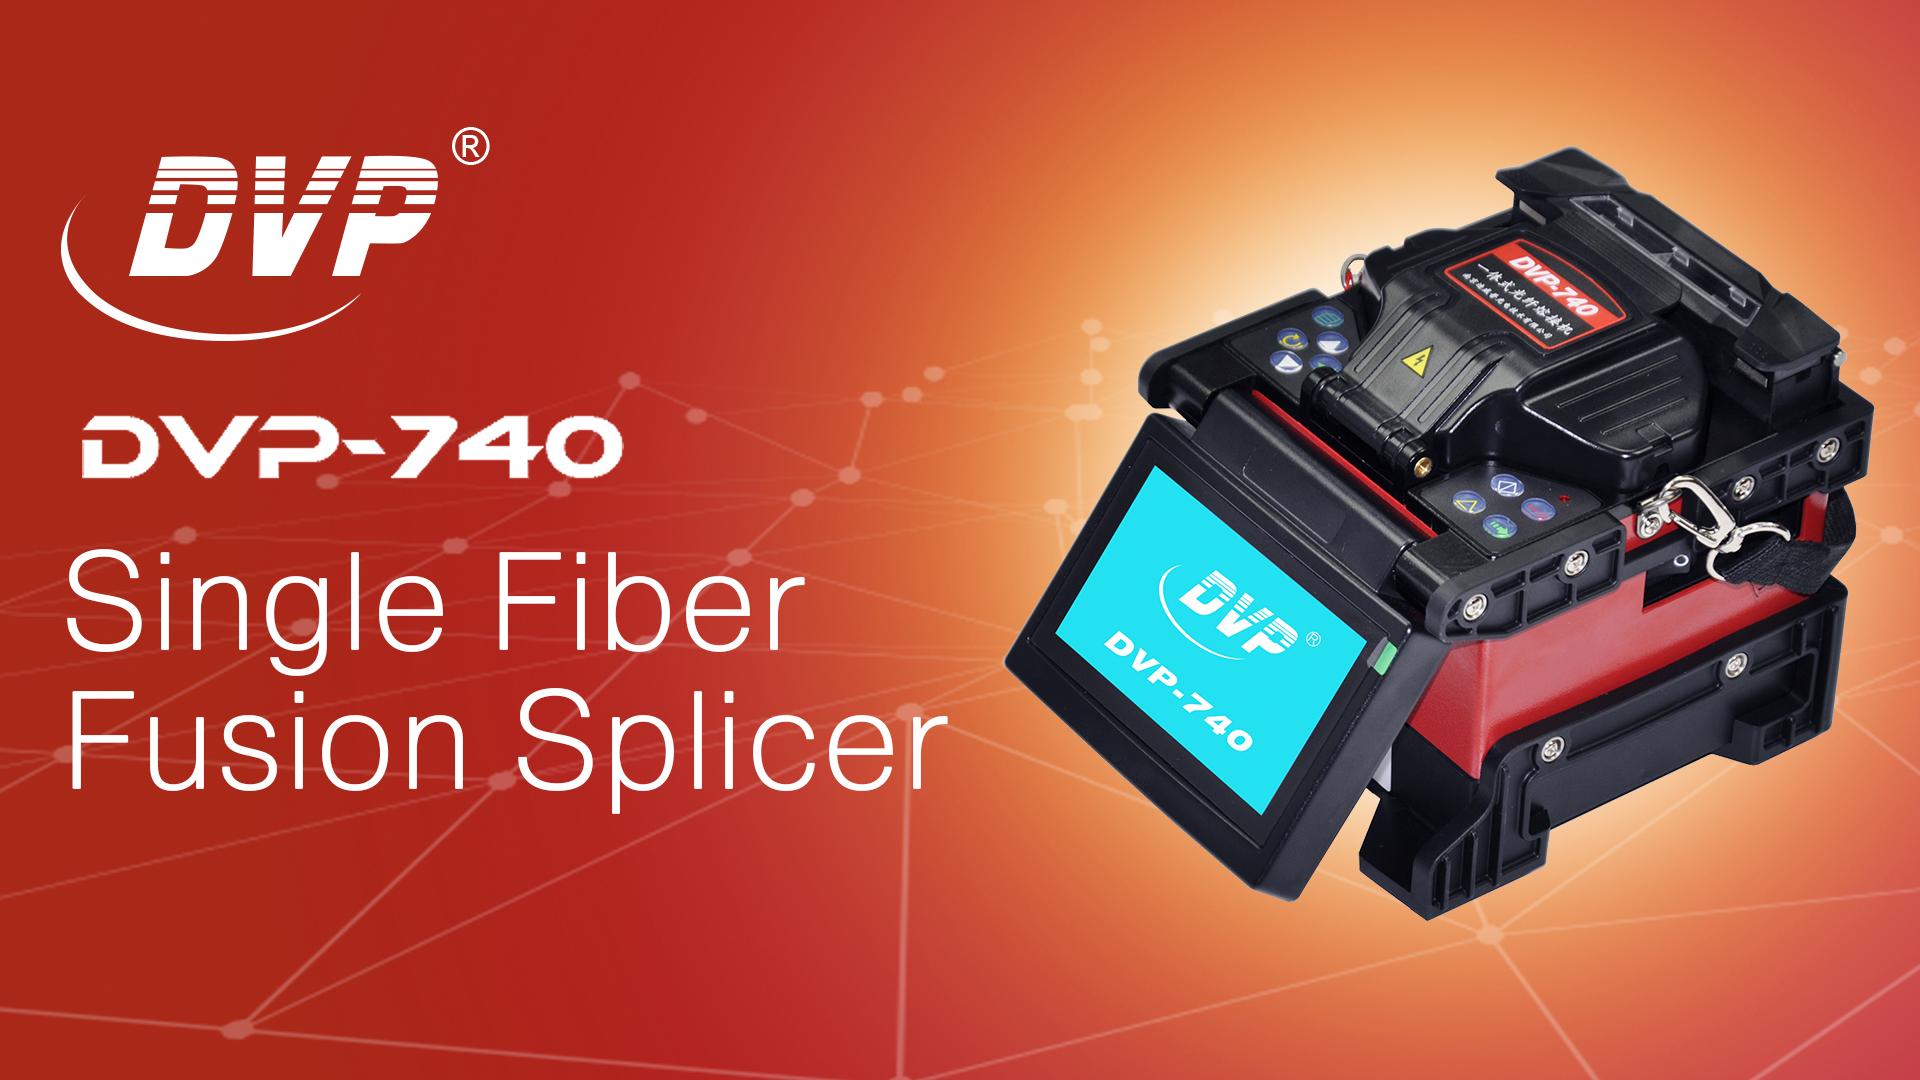 DVP-740 Fusion Splicer